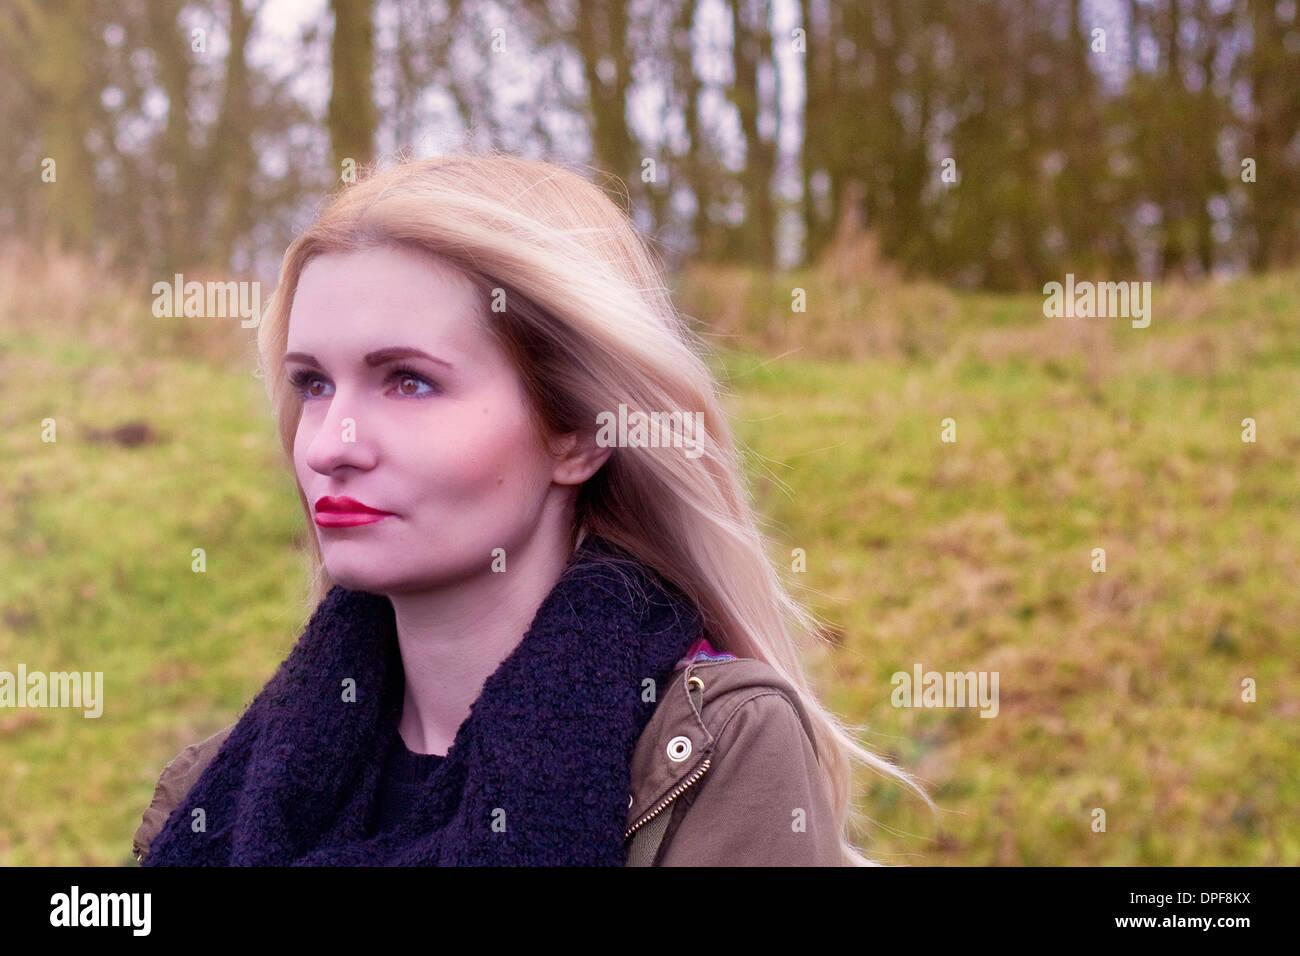 Ritratto di triste giovane donna all'aperto Immagini Stock